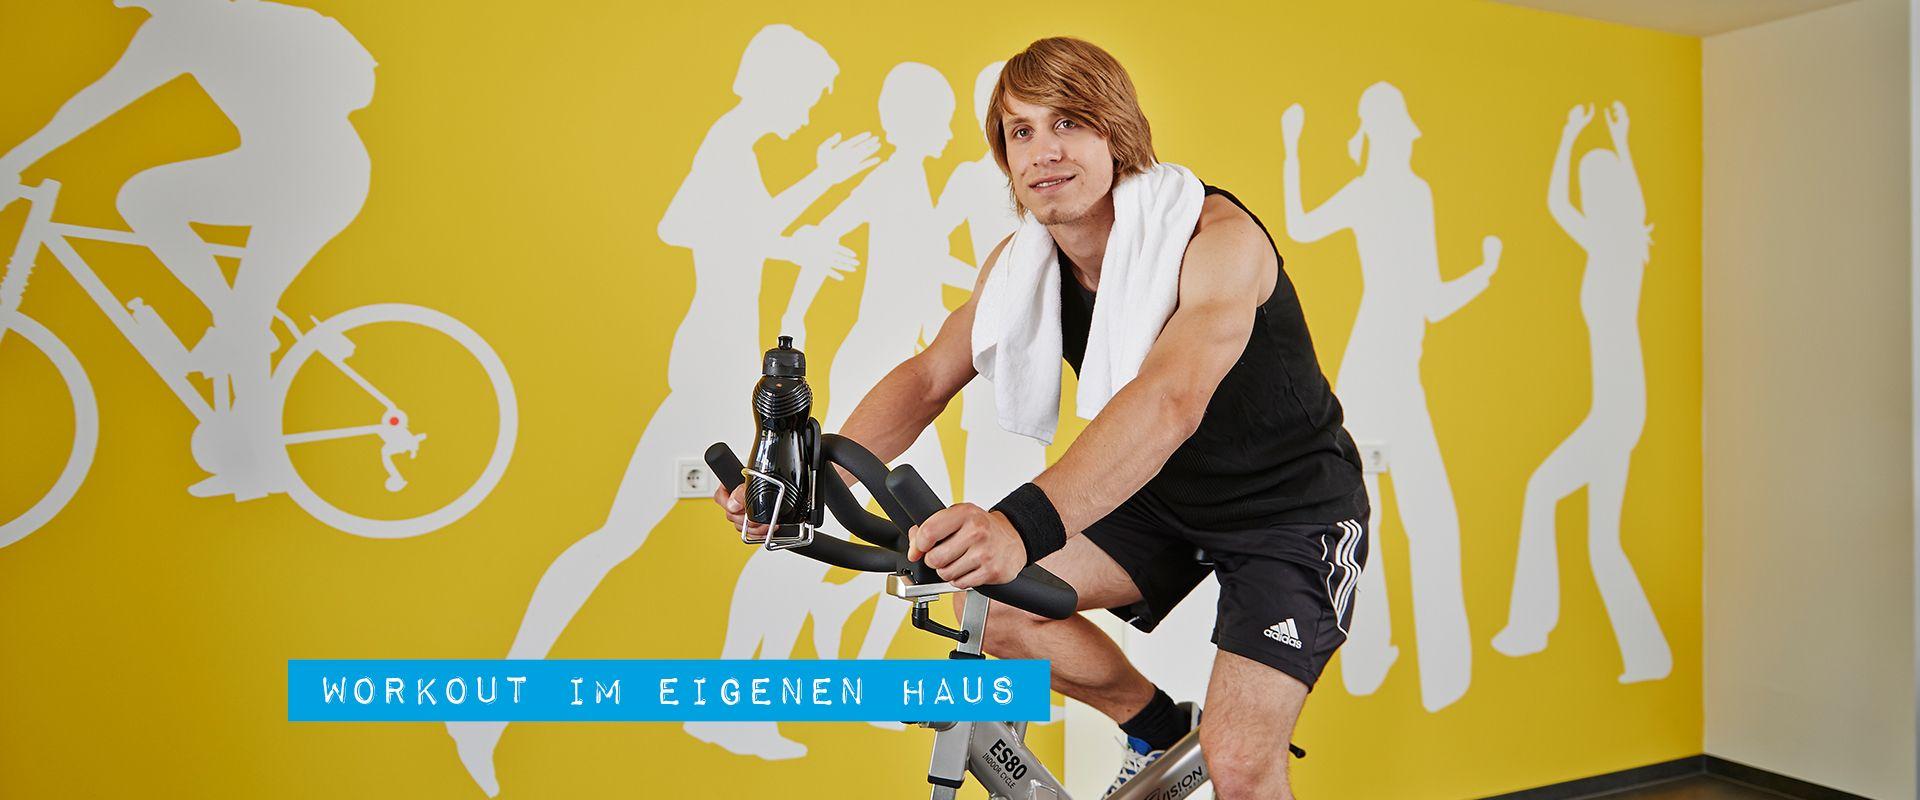 In SPREEPOLIS Apartementhaus keine Zeit verlieren. Im gemeinsamen Fitnessbereich trainieren.